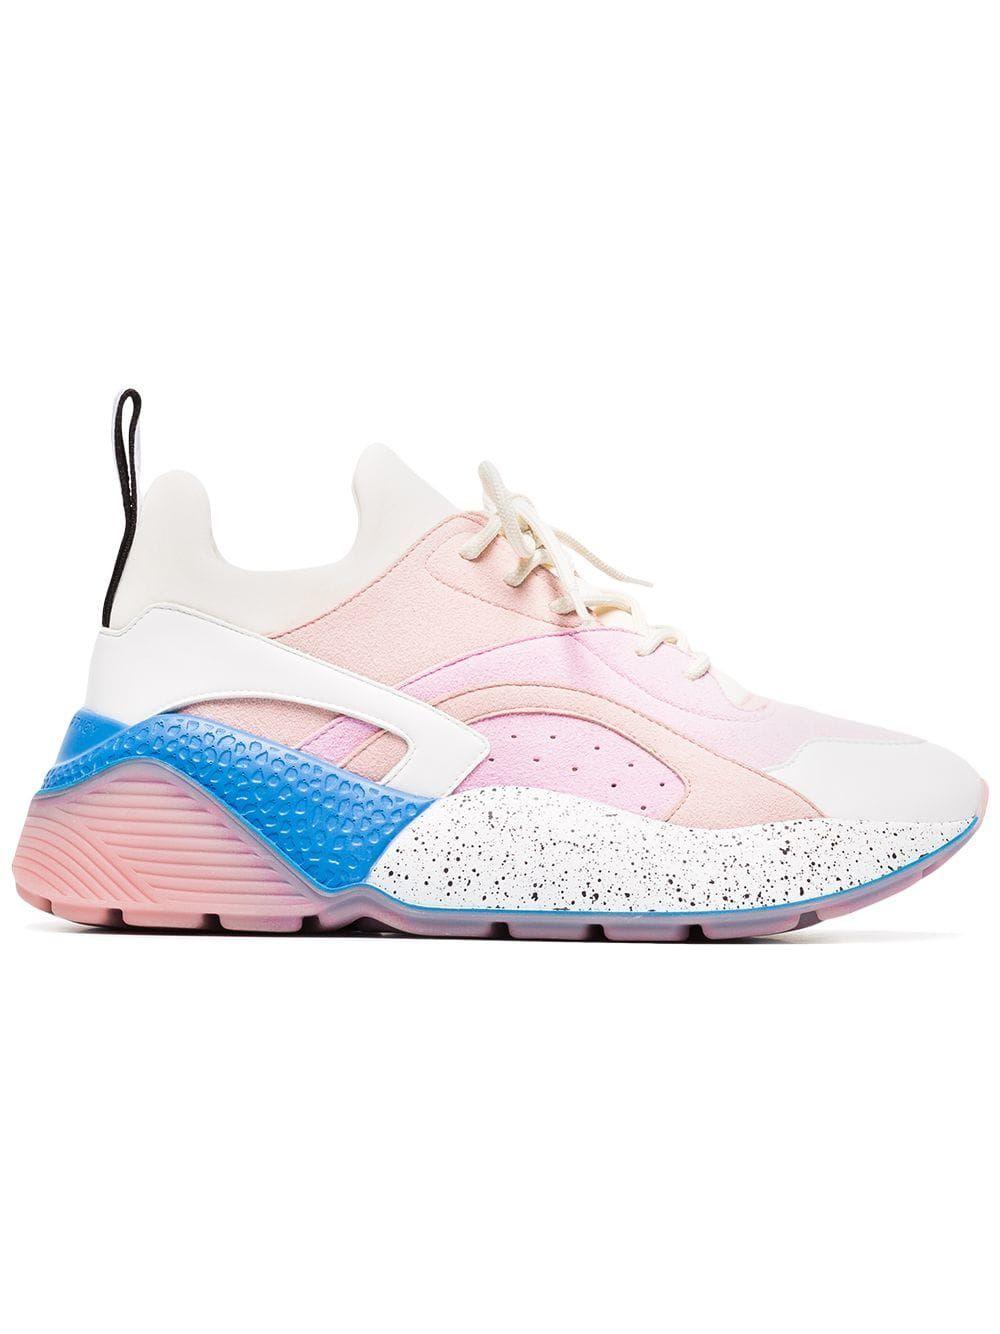 Stella SneakersShoes Mccartney Eclypse Eclypse Stella Mccartney Mccartney SneakersShoes qMSzUVp